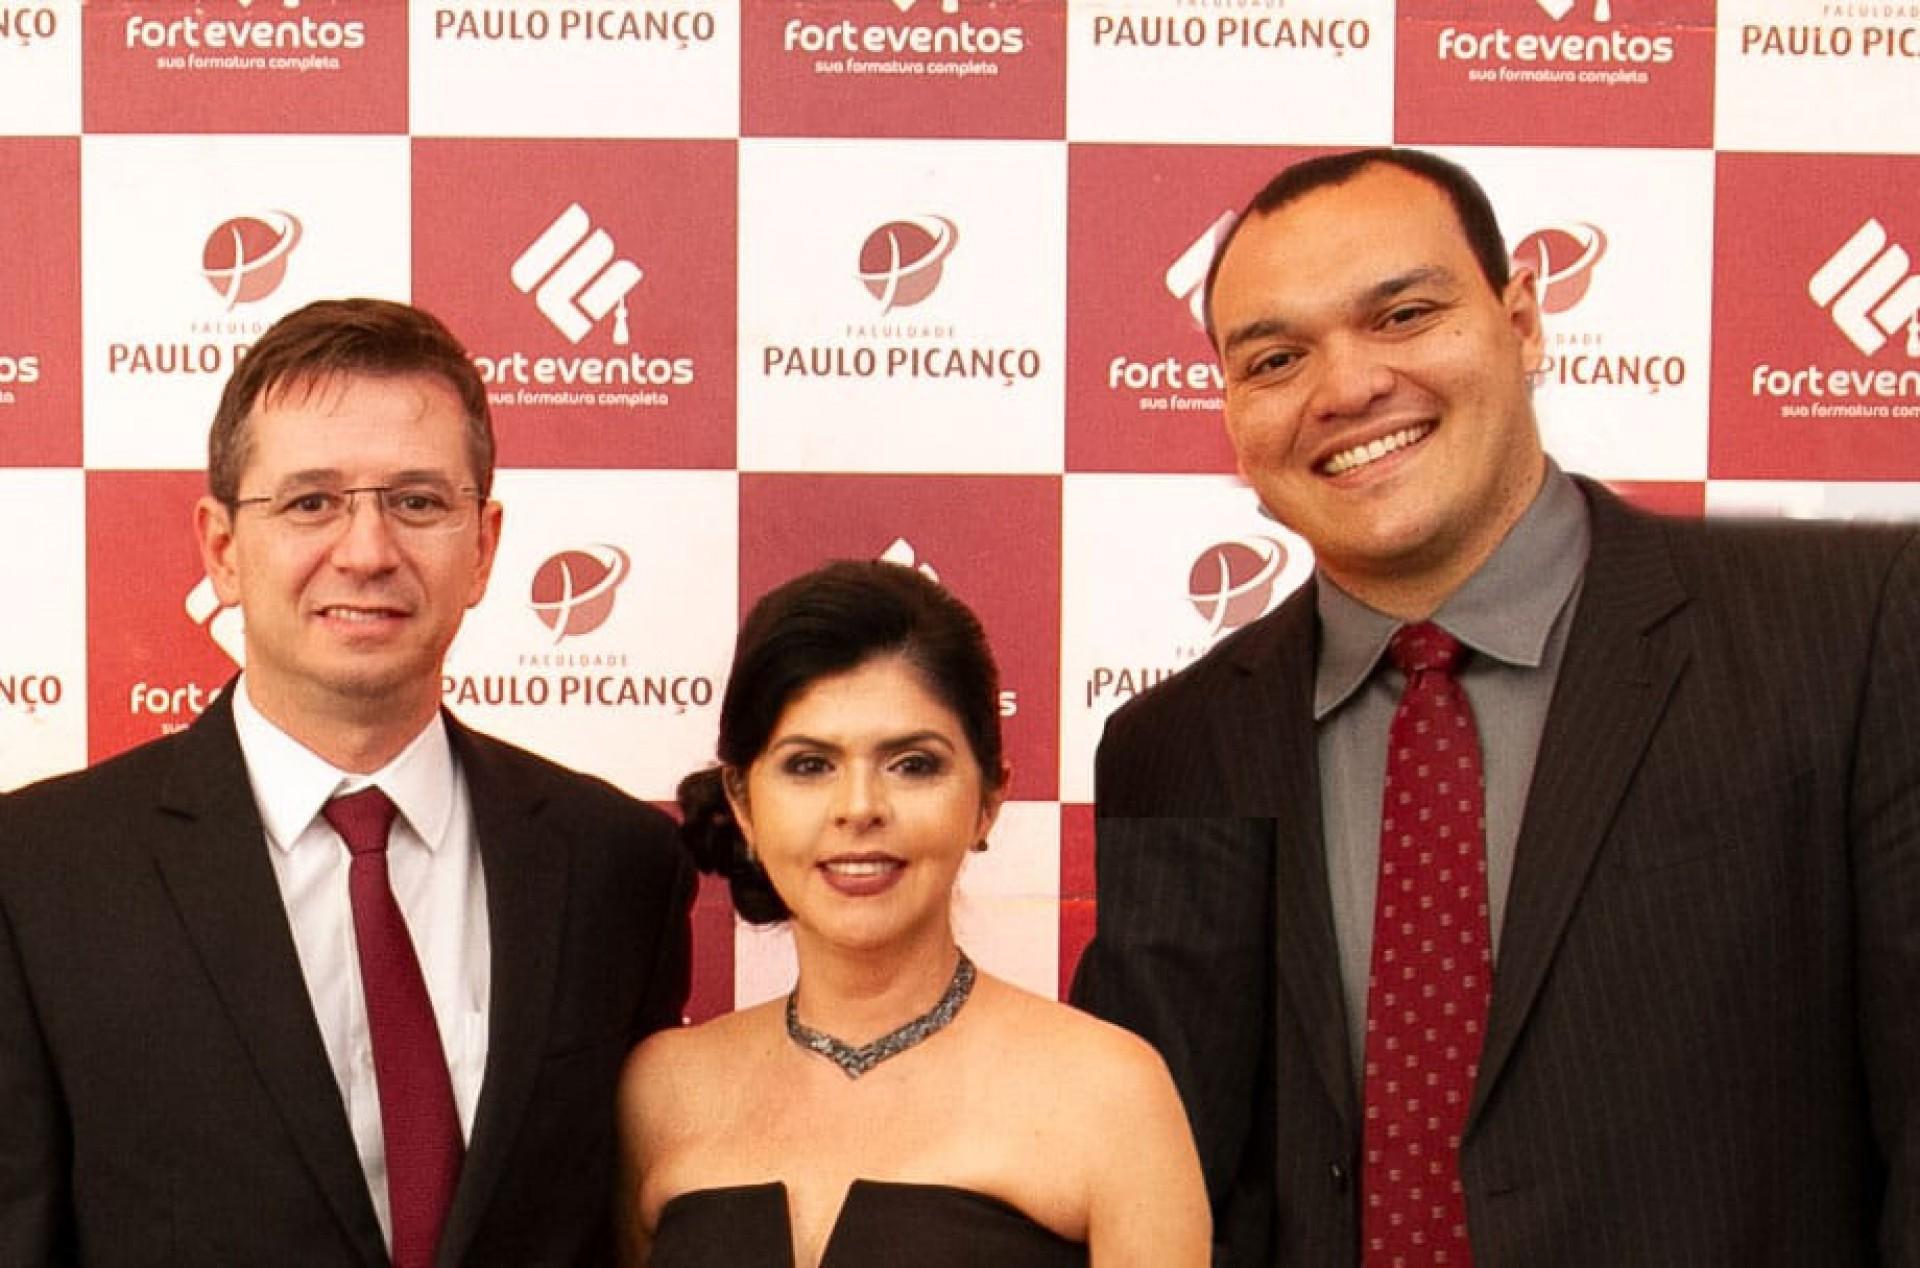 Victor Feitosa com Gracemia e Paulo Picanço, diretores da faculdade, celeiro de seus trabalhos e pesquisas (Foto: Arquivo Pessoal)